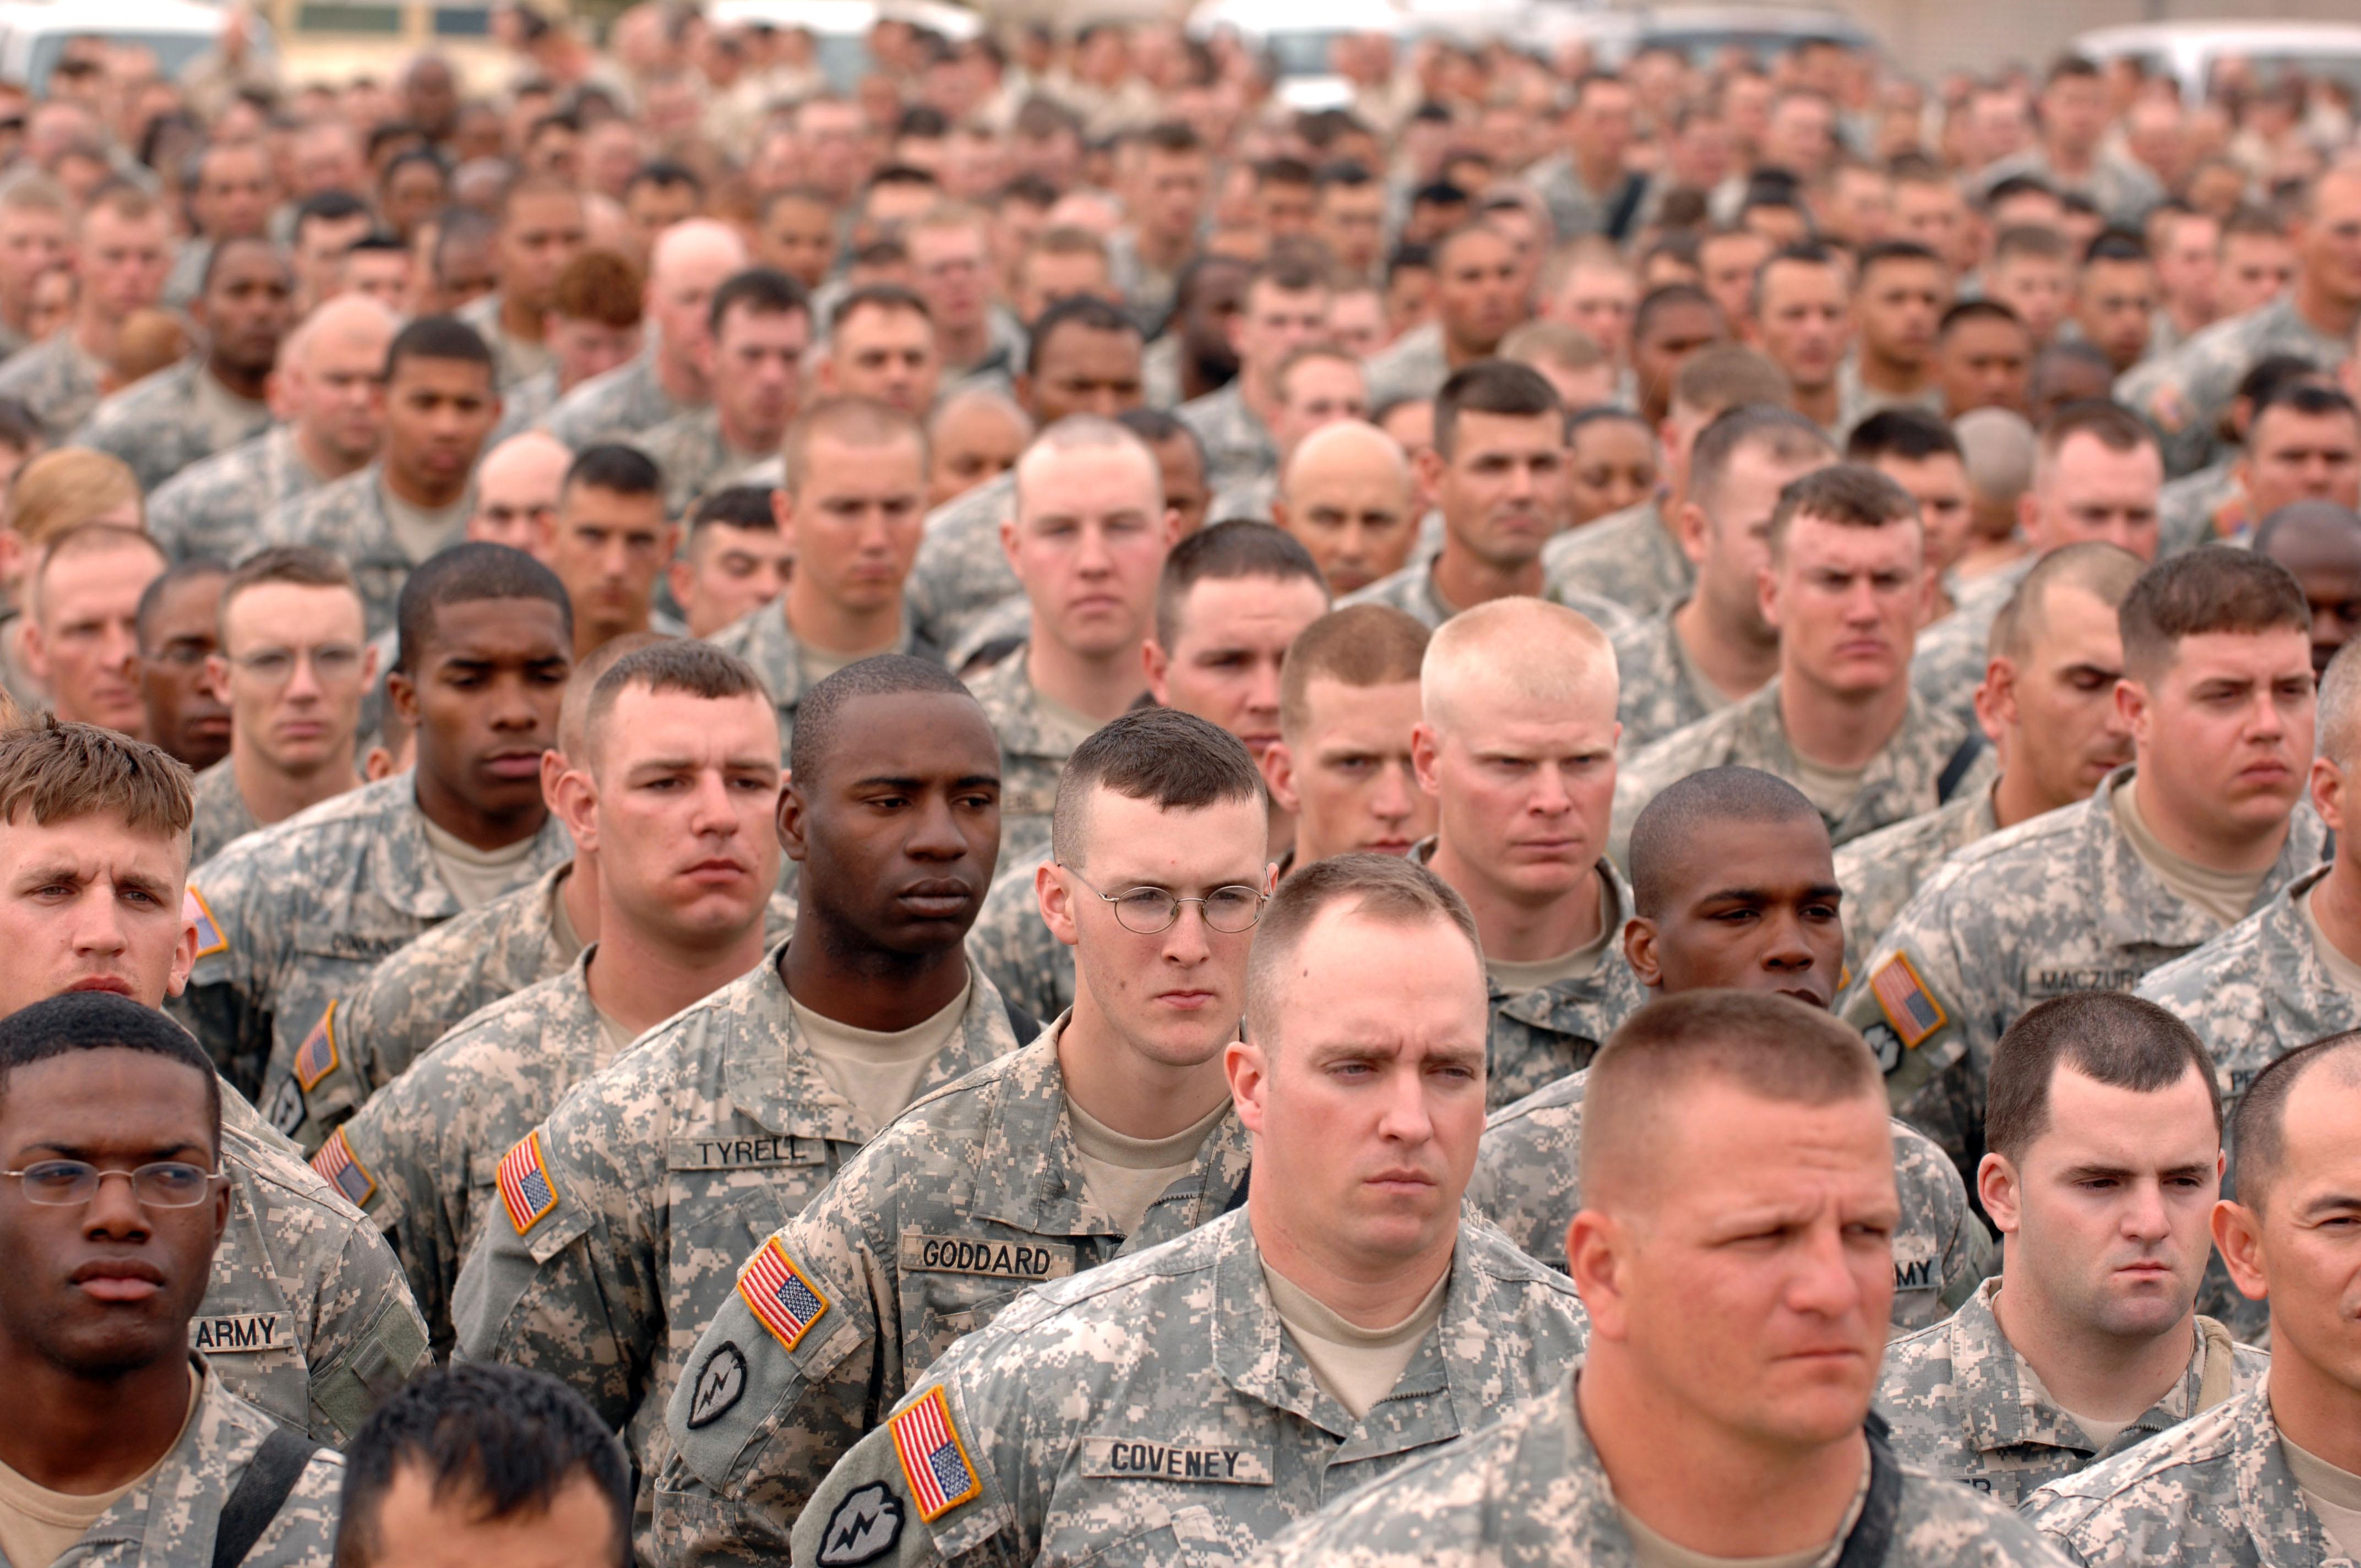 amerikanskie-soldati-gei